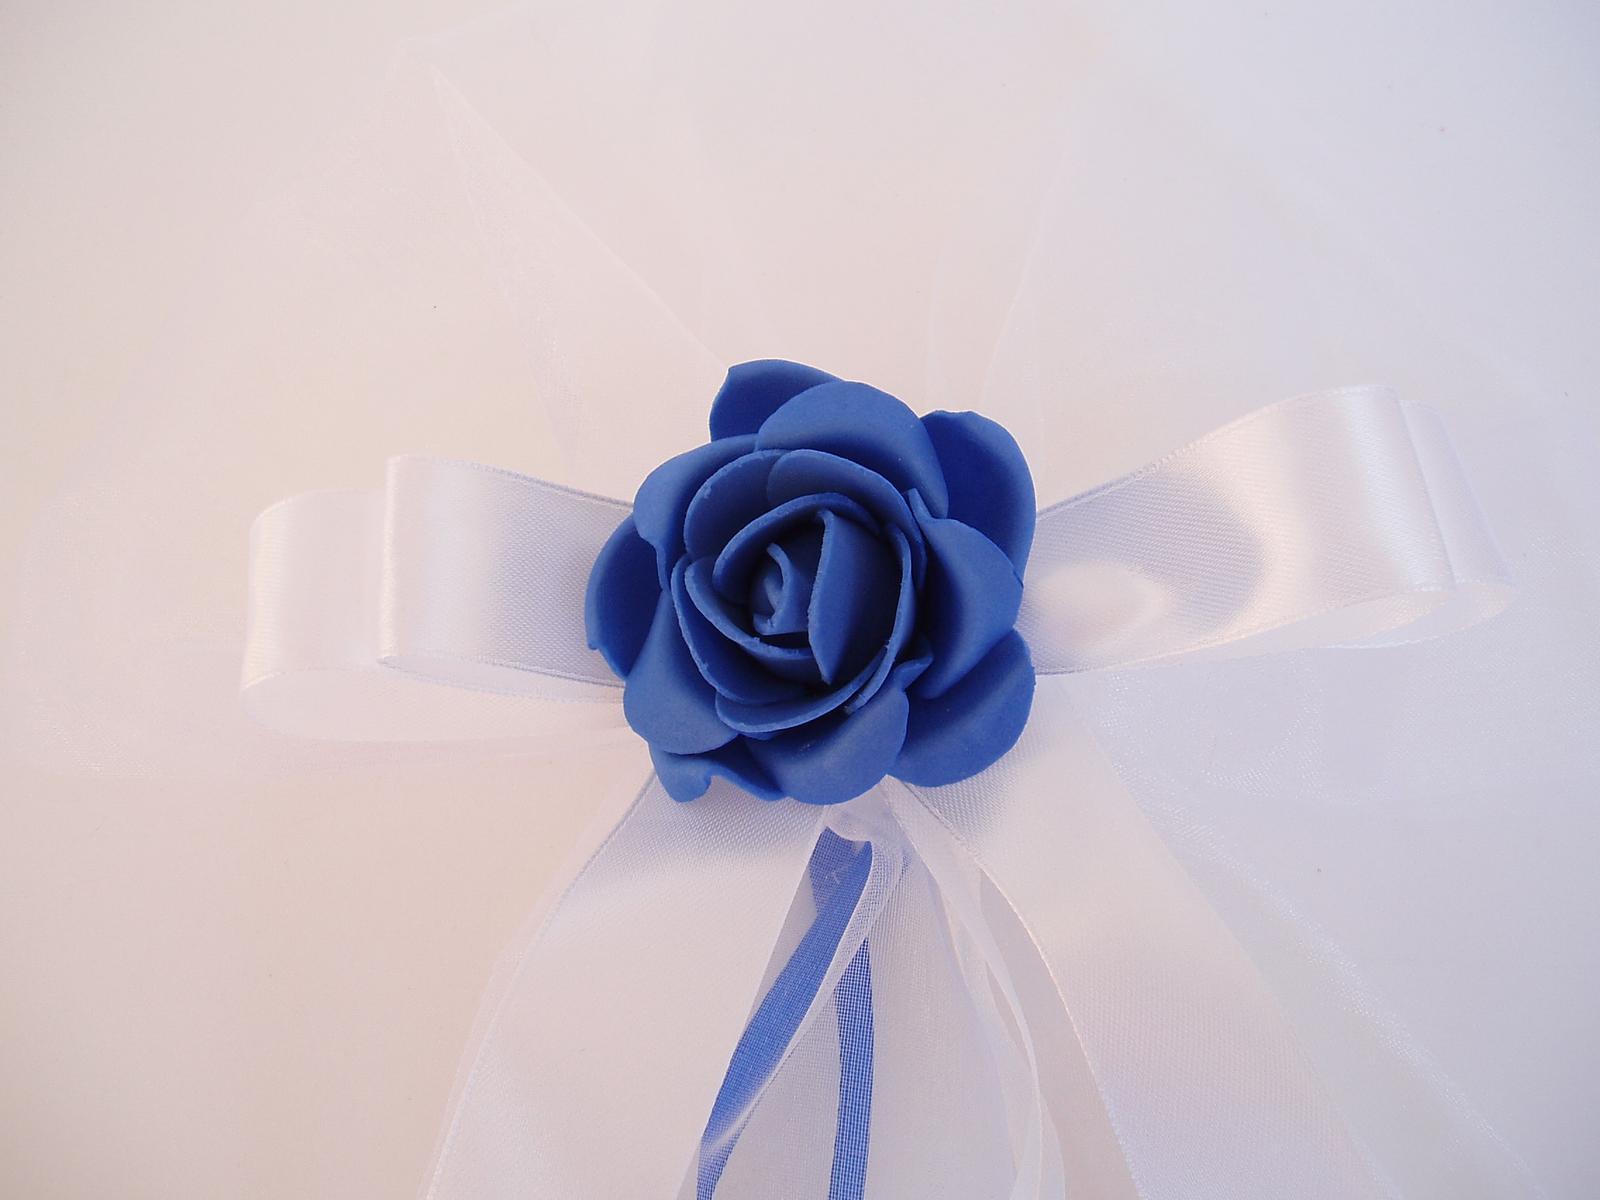 mašle na zrcátka -modrá - Obrázek č. 1